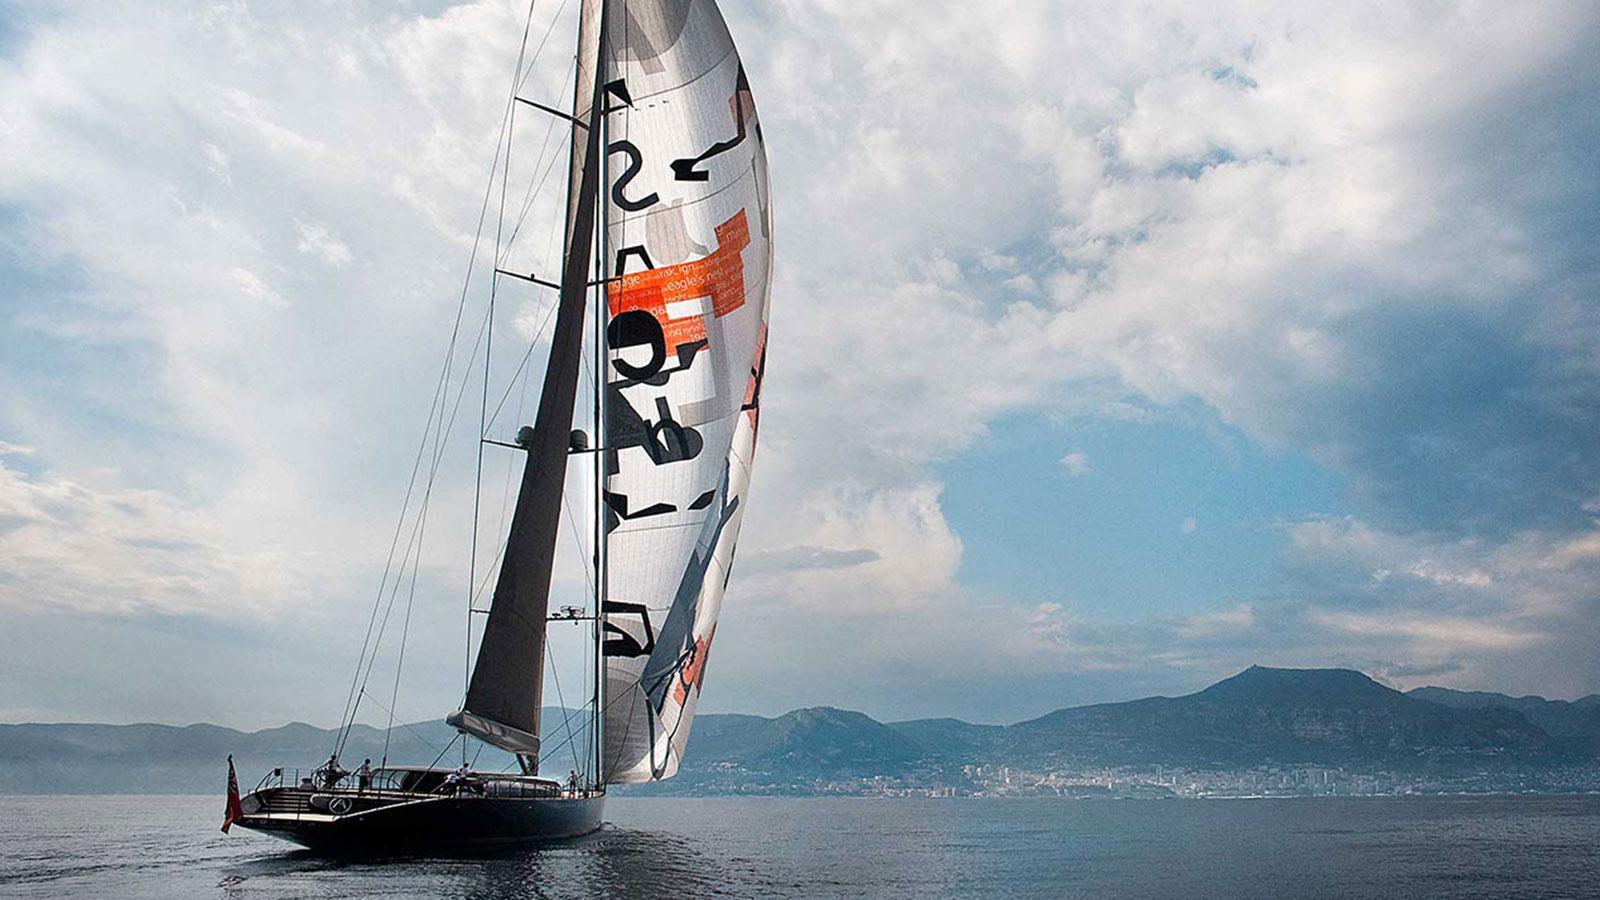 ahimasa-super-yacht-sailing-boat